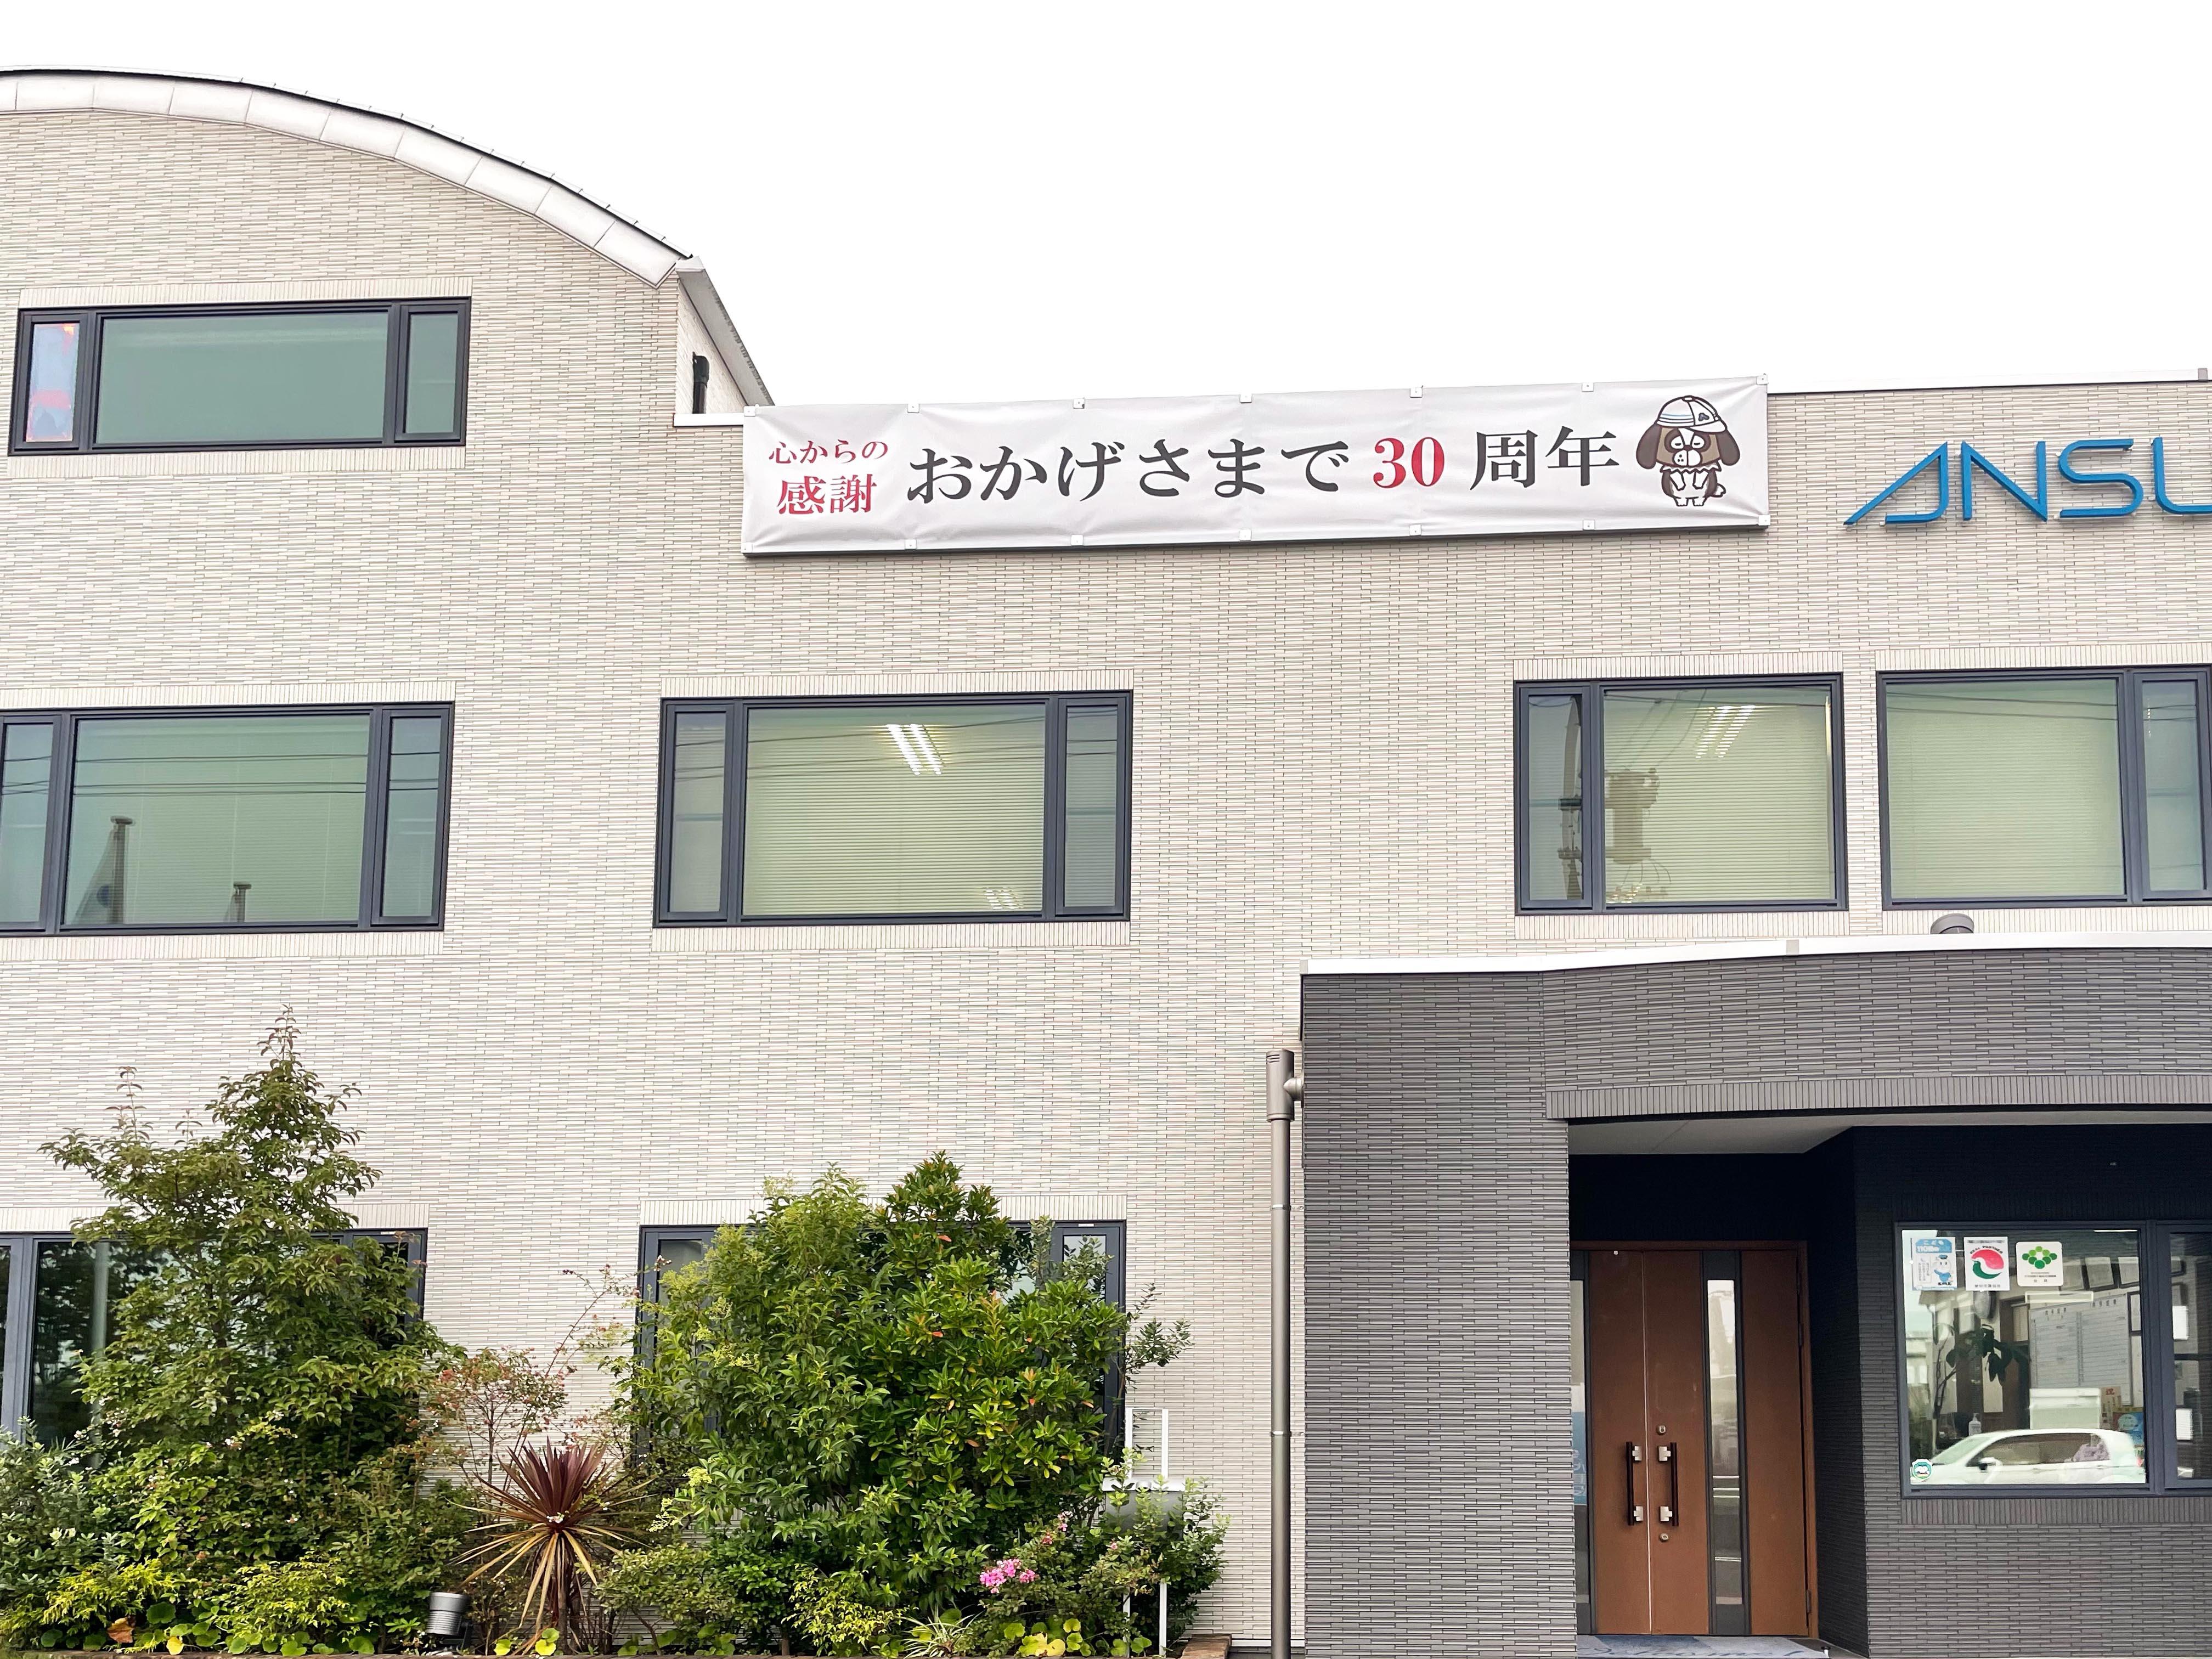 日記|安水建設|愛知県安城市を中心に三河エリアの木造注文住宅・リフォームおかげさまで、30周年!